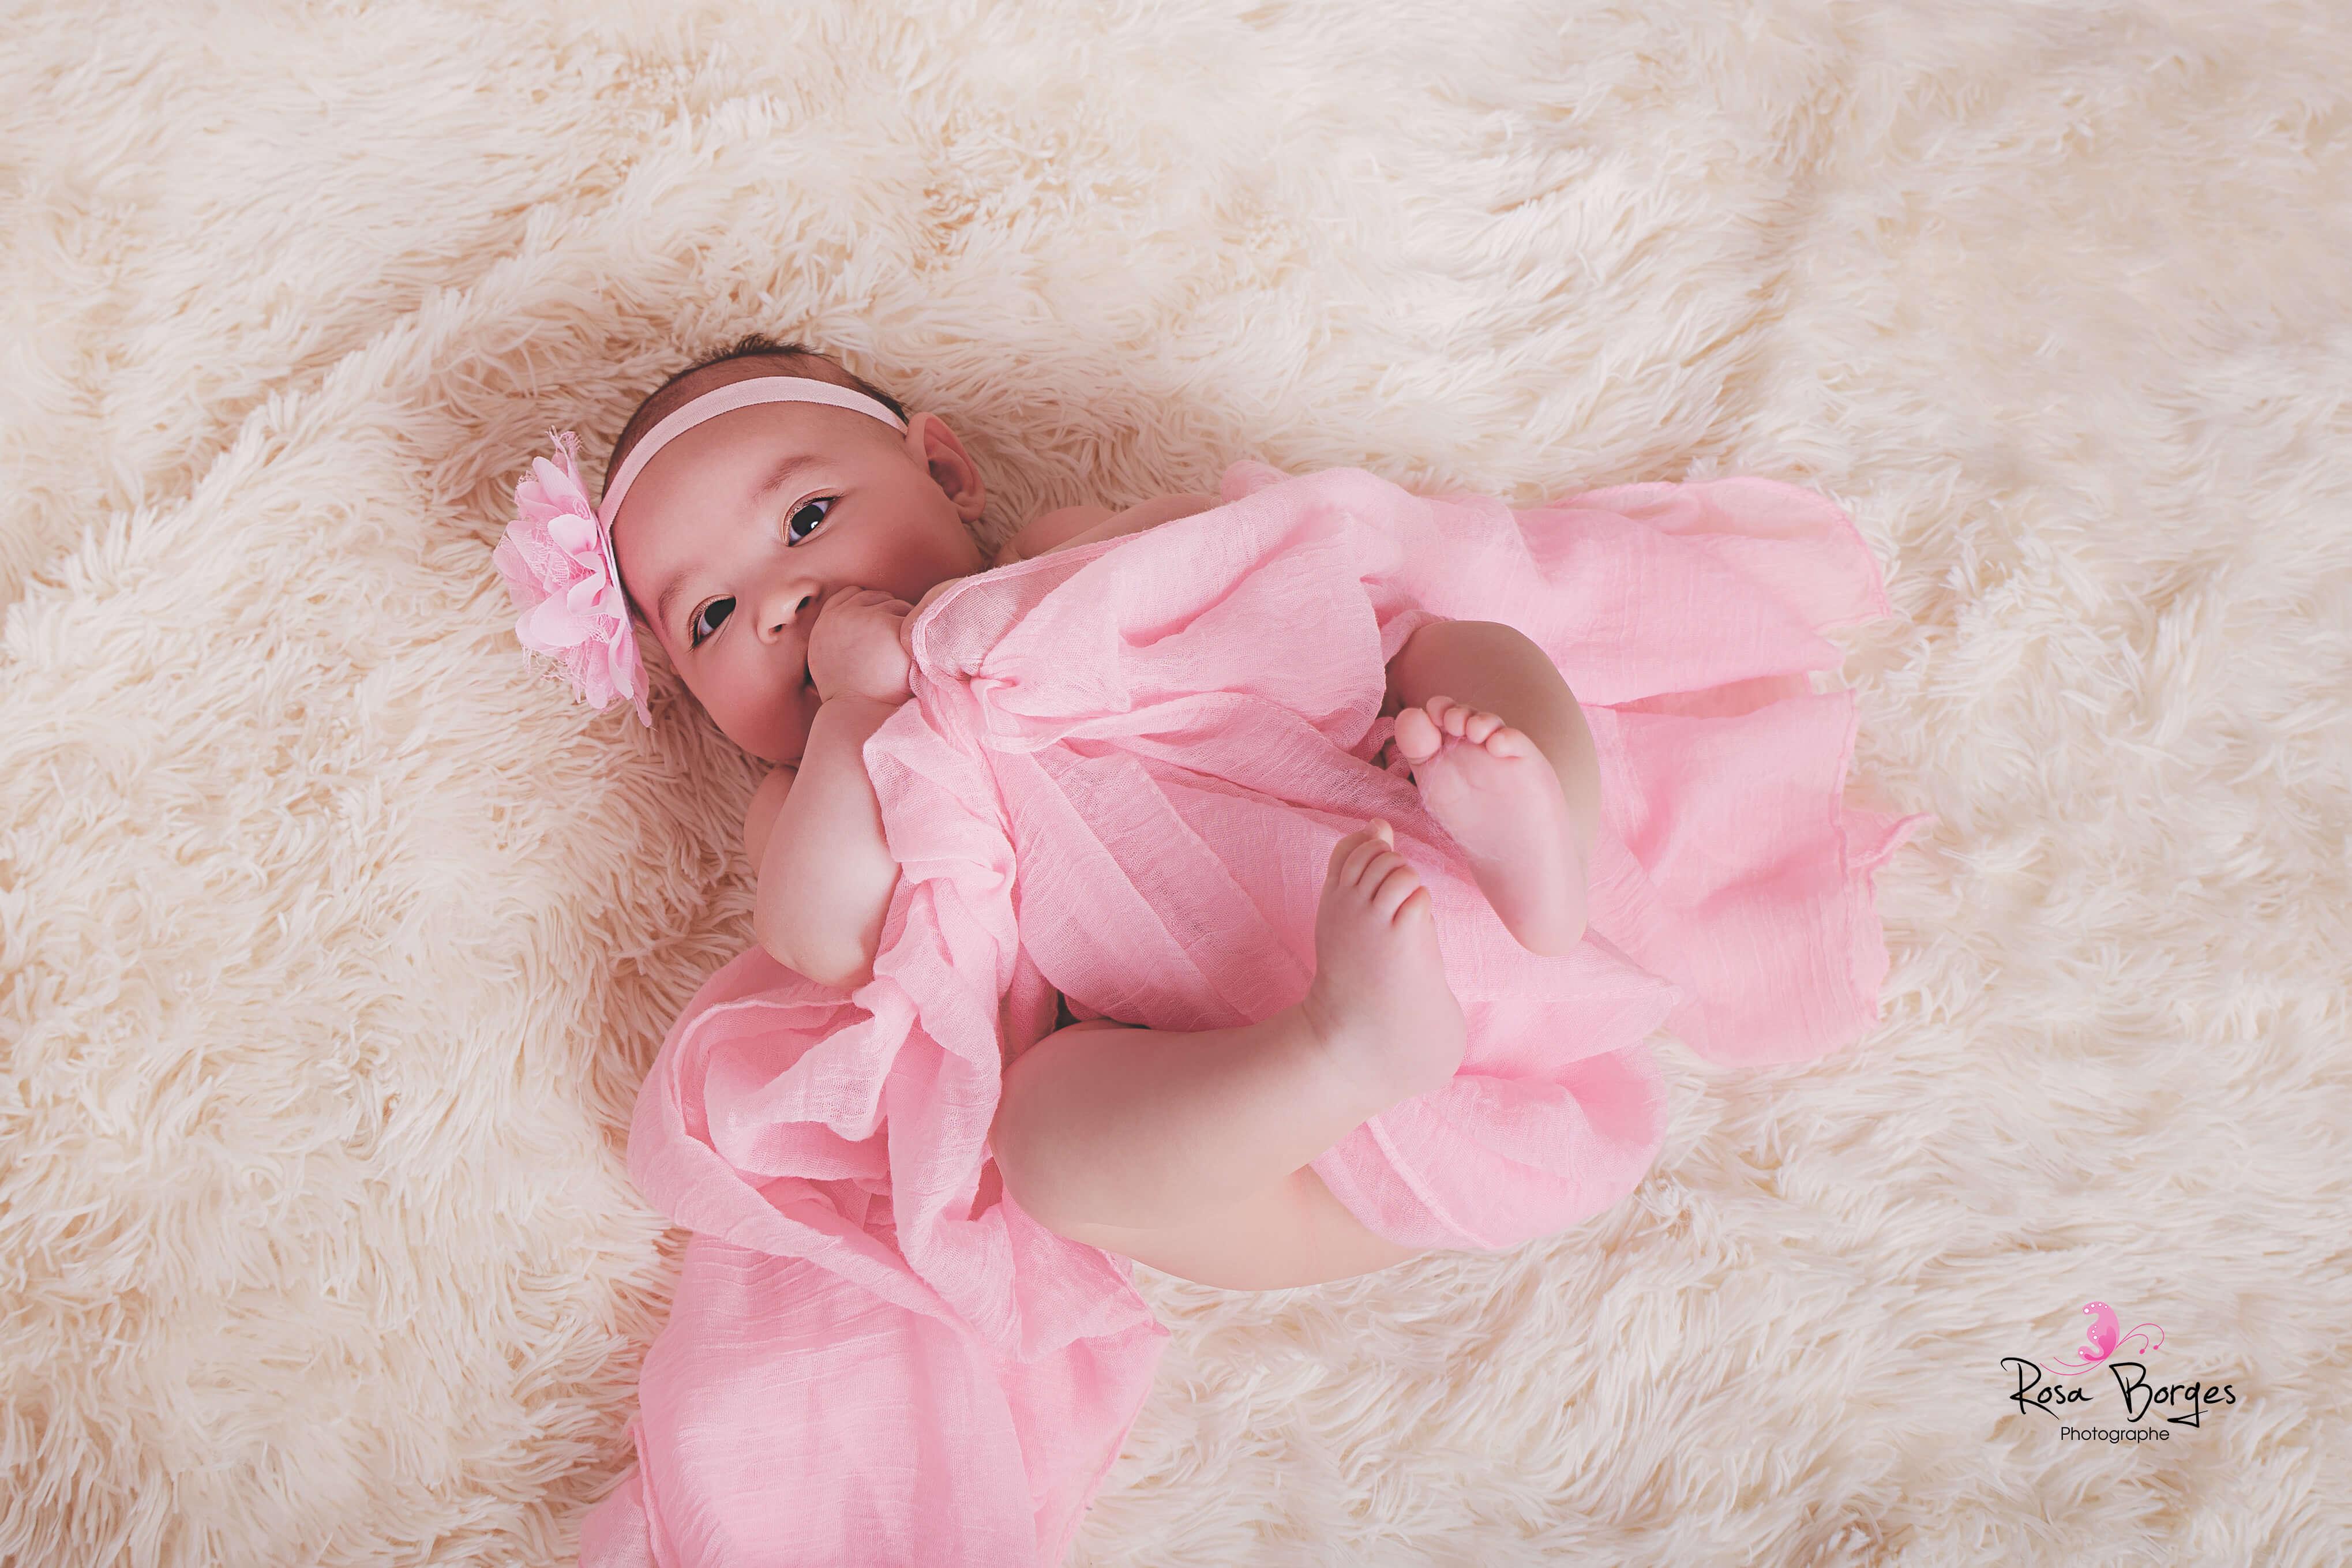 Newborn Posing / Baby Posing : Qu'est-ce que c'est ?